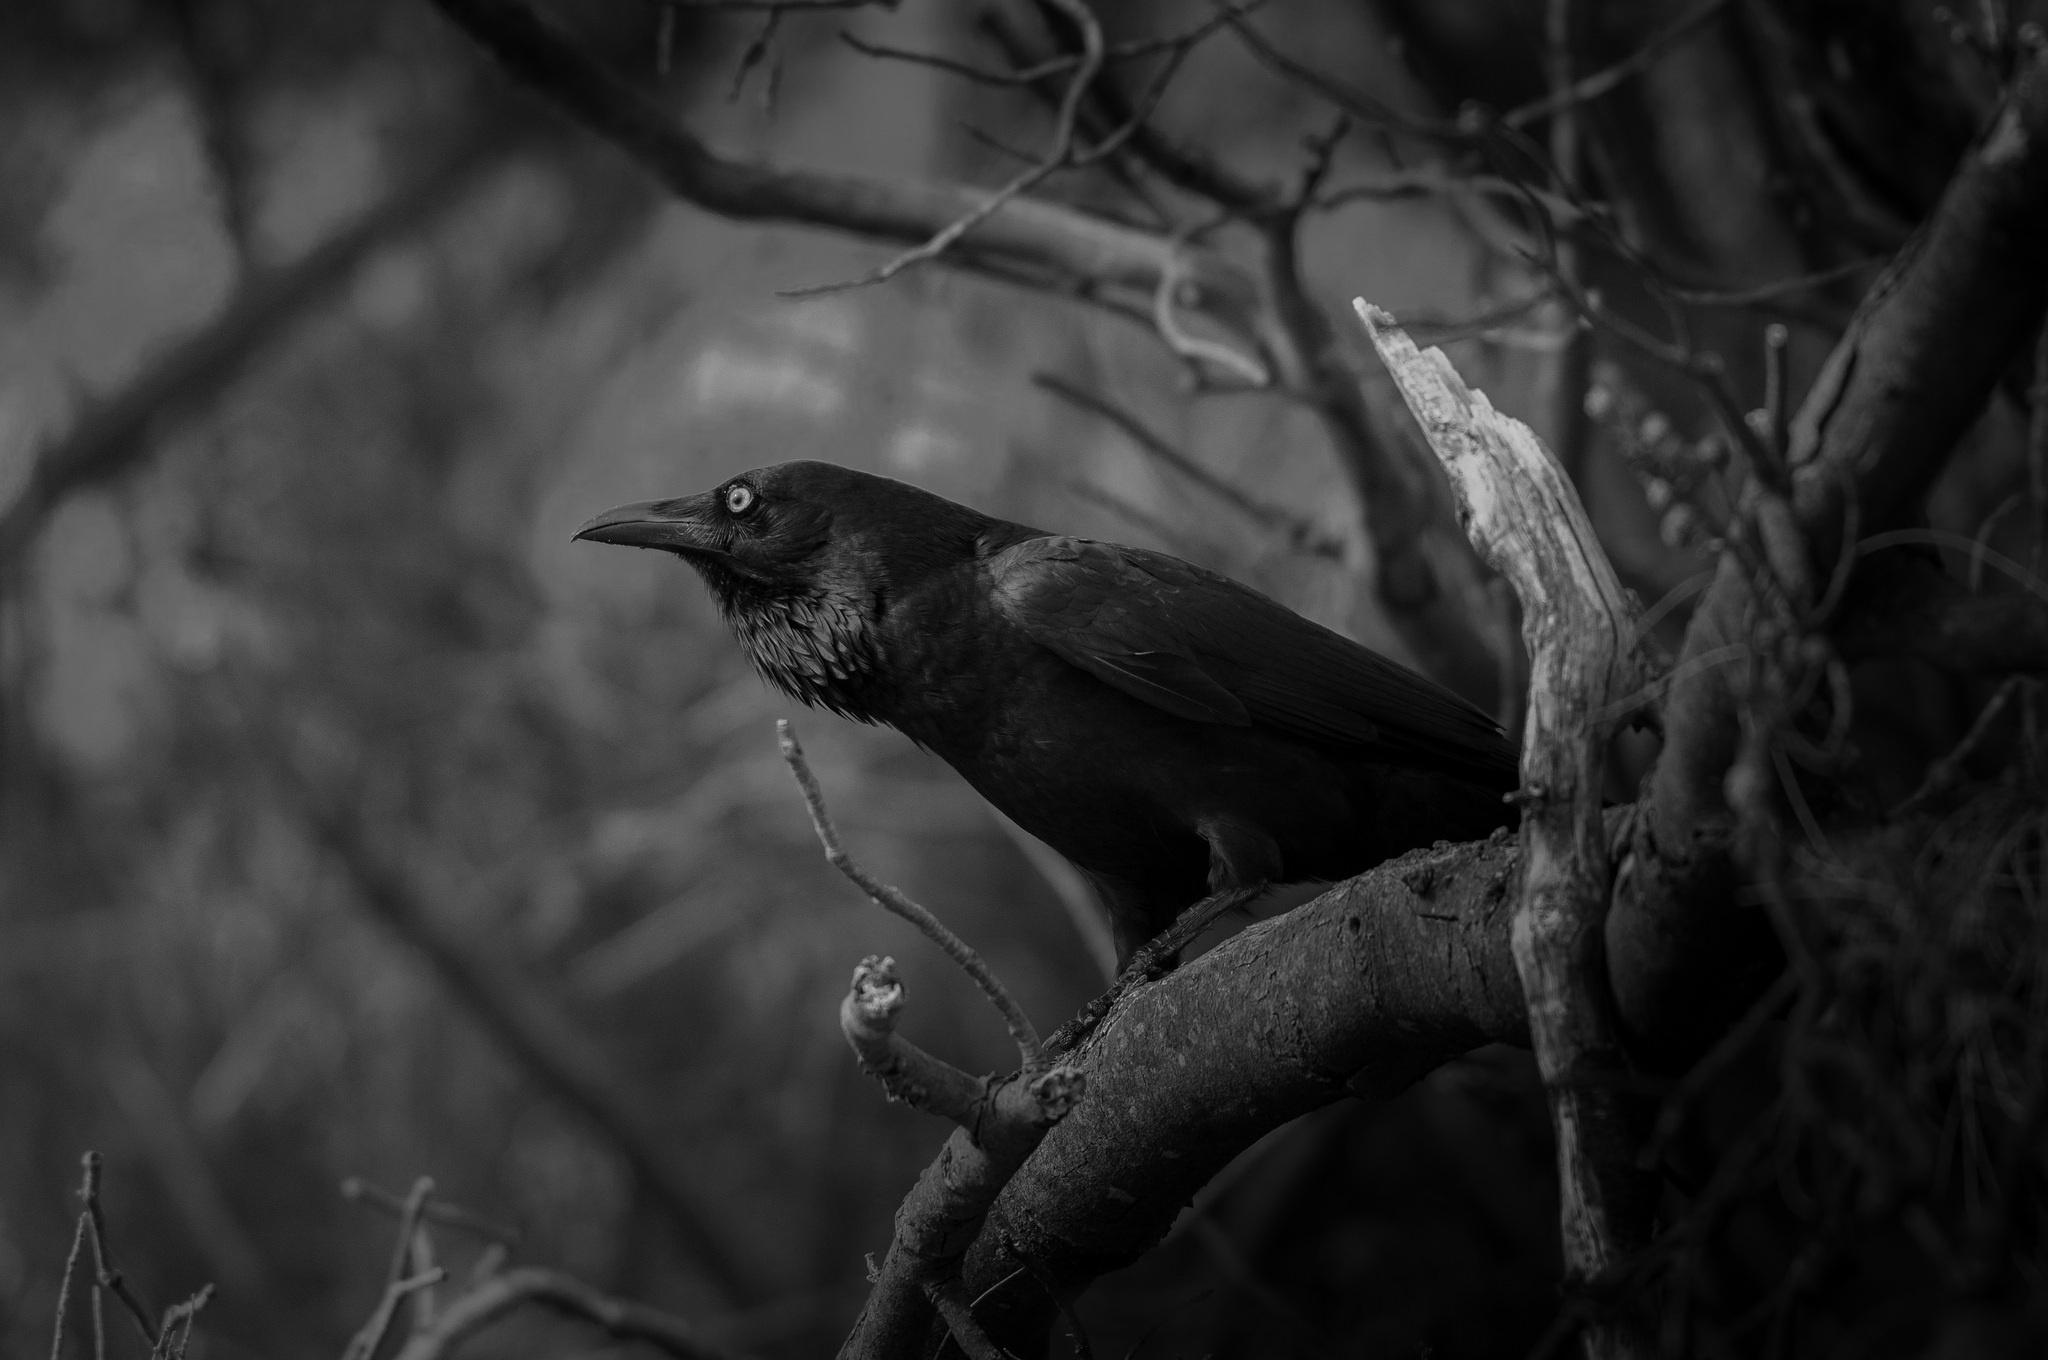 хвост, картинки черного ворона черно белые знать, что